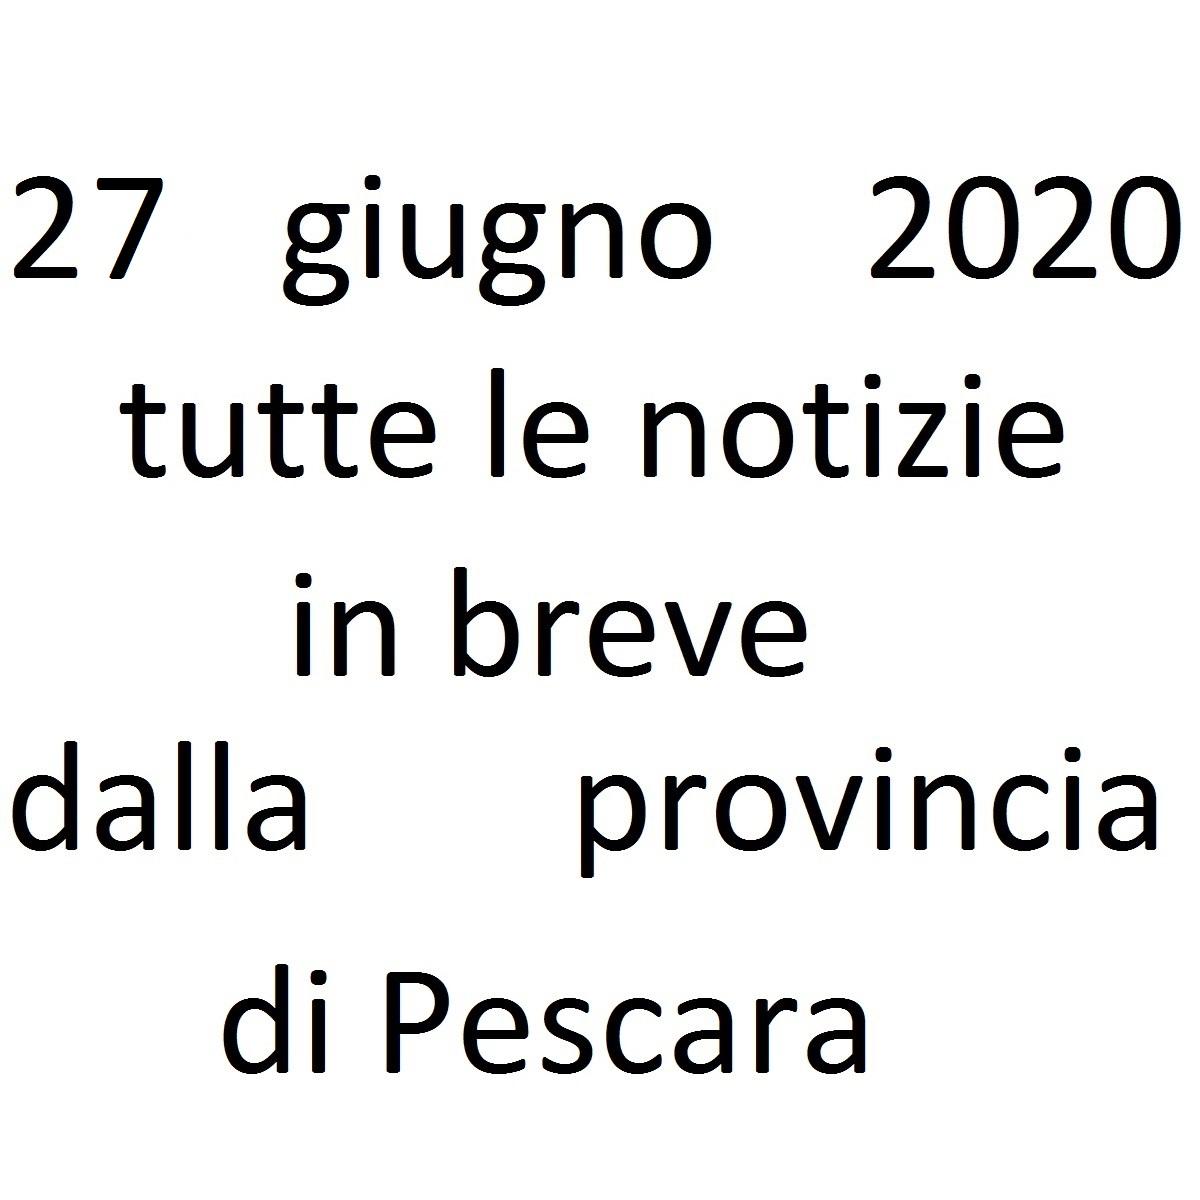 27 giugno 2020 notizie in breve dalla Provincia di Pescara foto